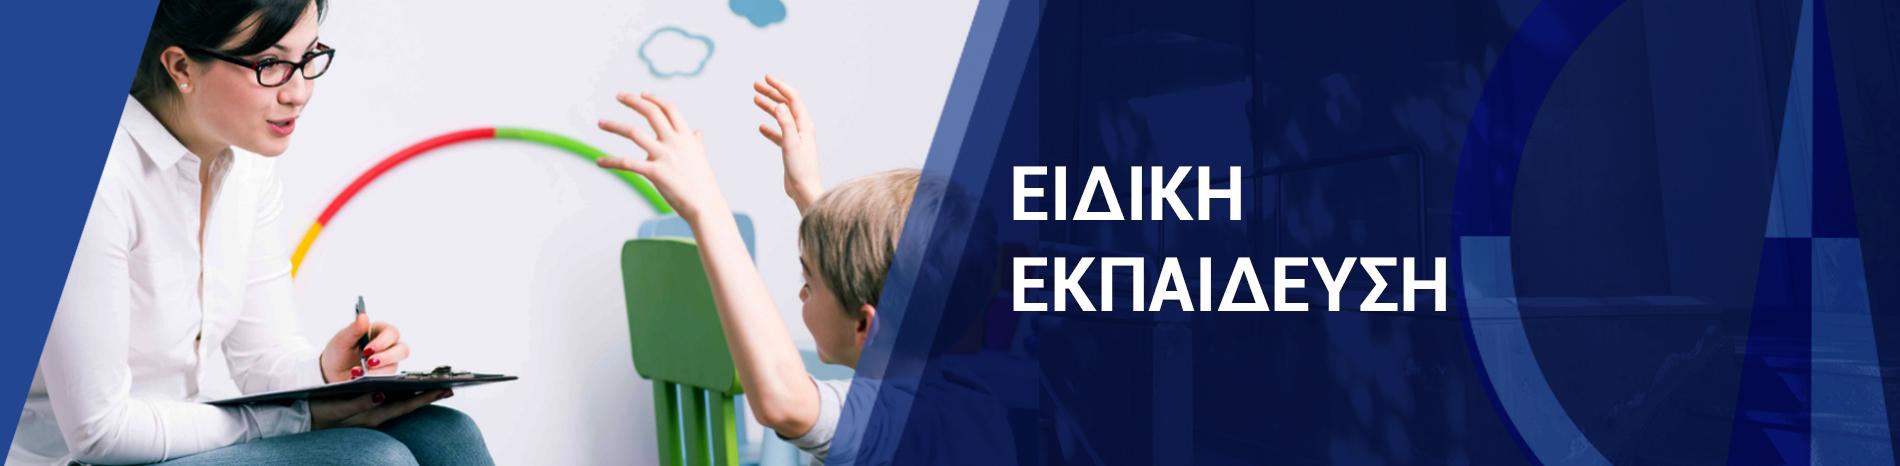 Πανεπιστήμιο Frederick | Μεταπτυχιακό στην Ειδική Εκπαίδευση (με Πρακτική Άσκηση στην Ελλάδα)